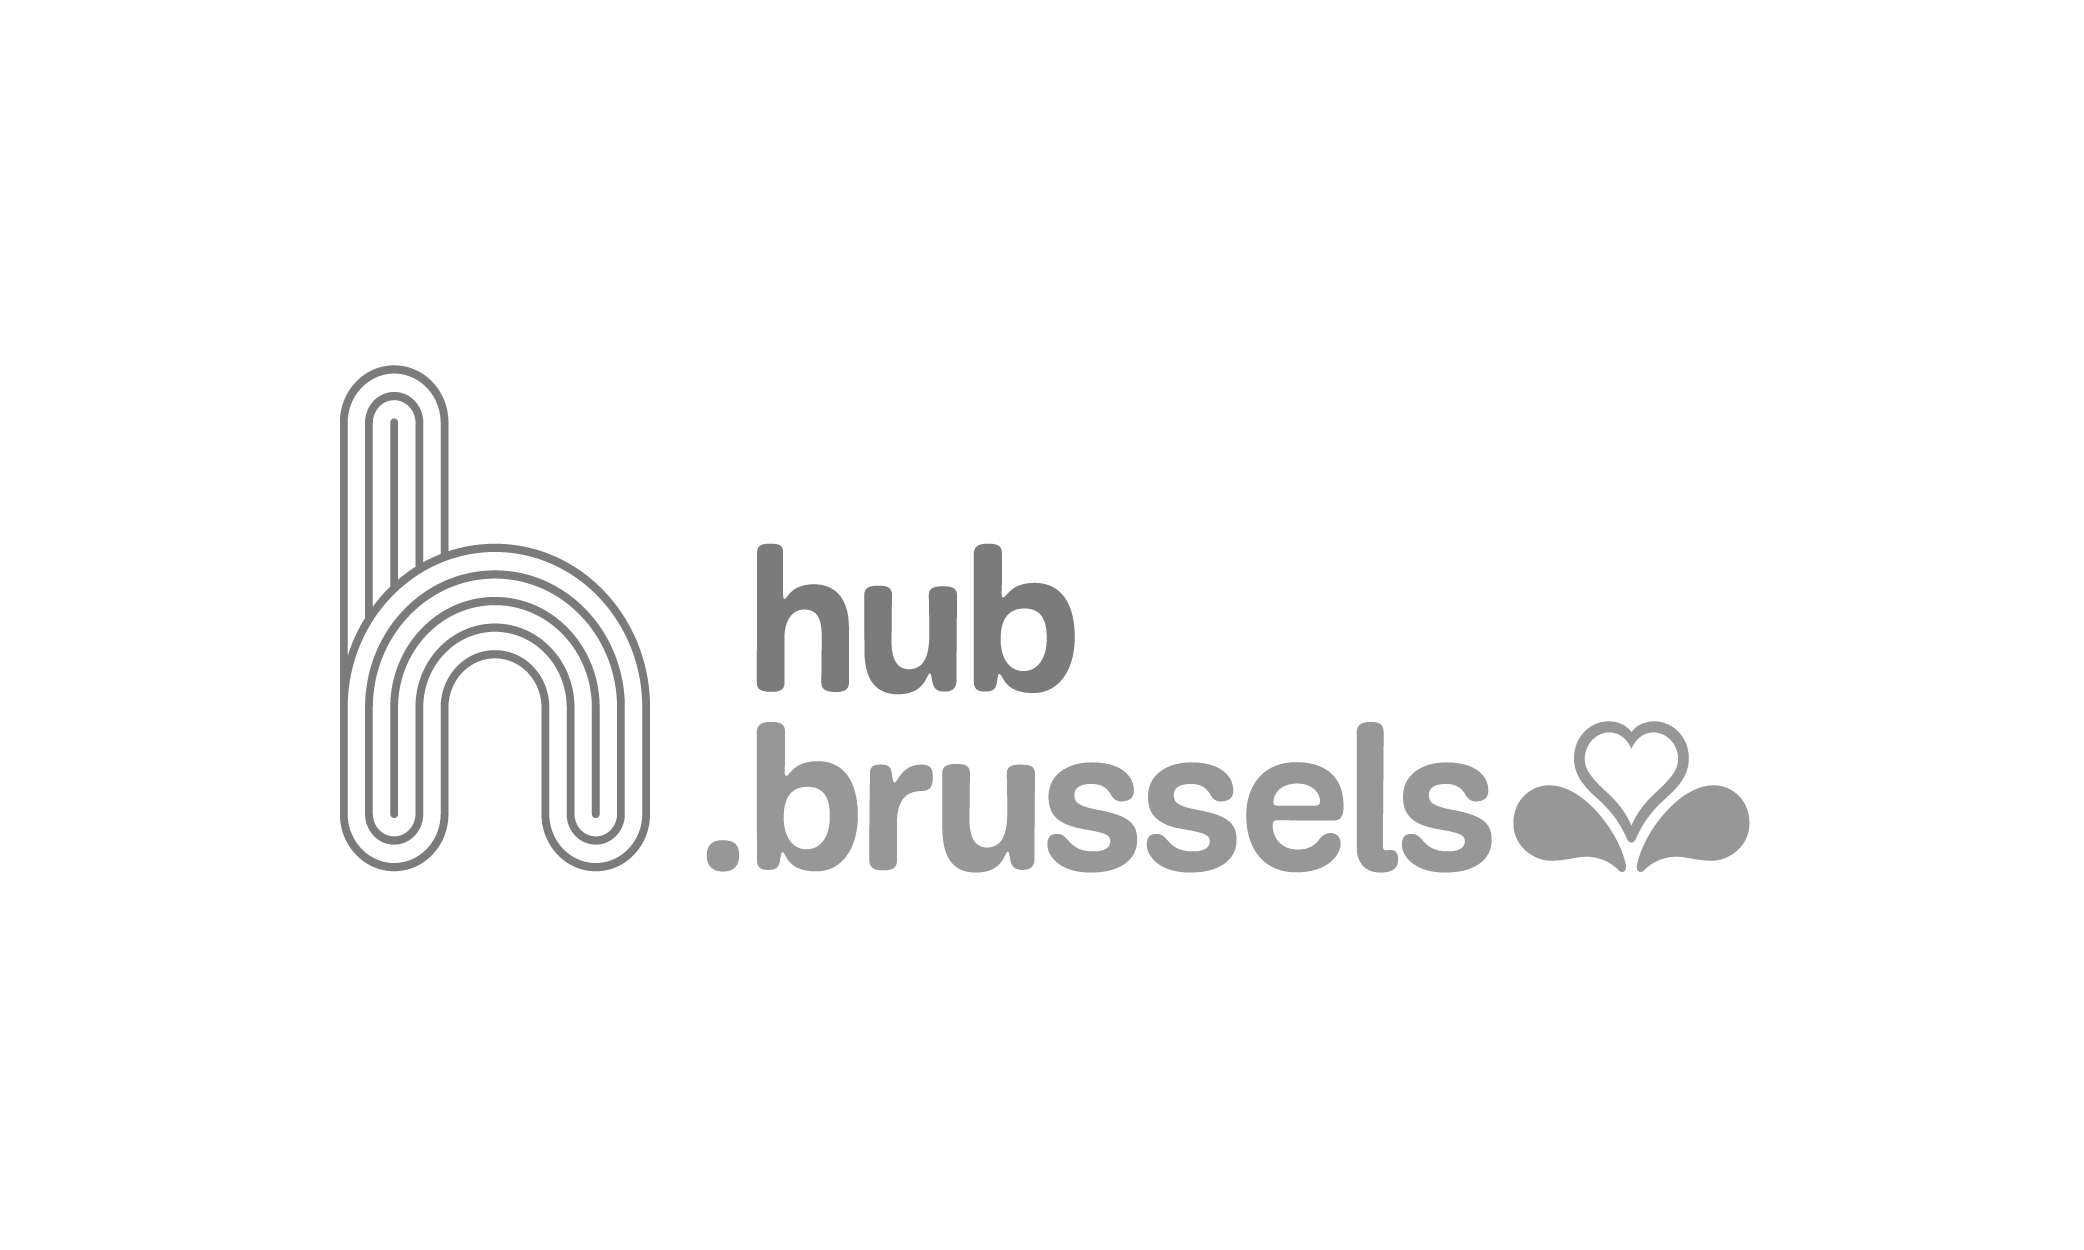 2019 HUB BRUSSELS-01.jpg